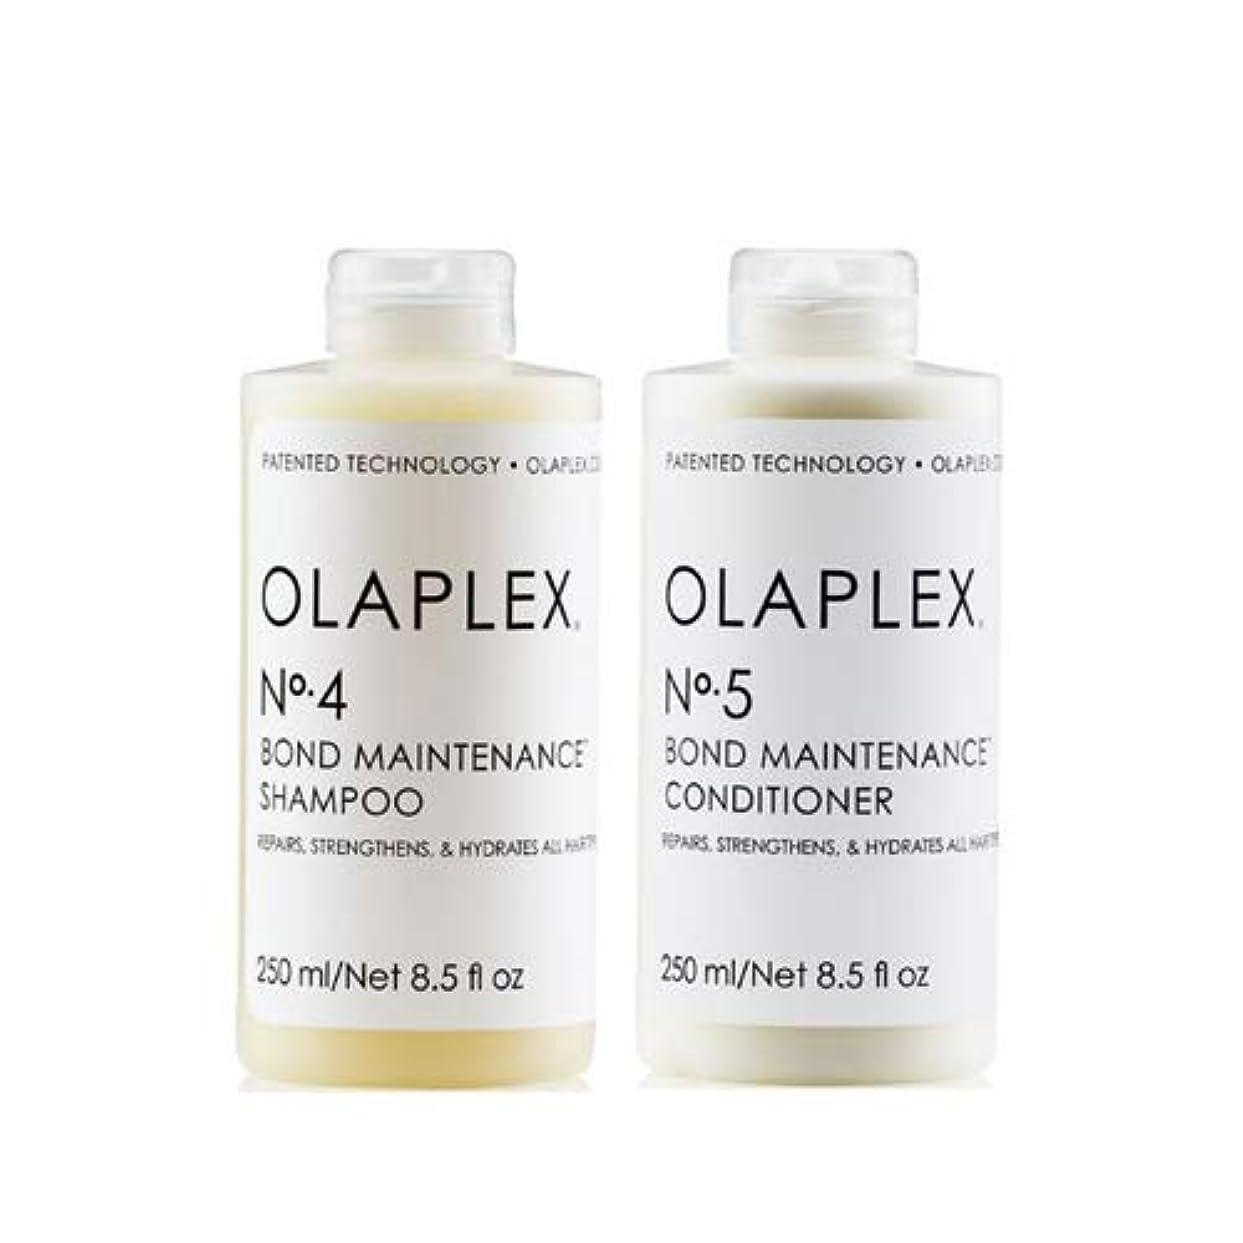 エクスタシー鷲比類のないOlaplex オラプレックス No. 4 5 ボンド メンテナンス シャンプー&コンディショナー Olaplex Bond Maintenance Shampoo & Conditioner 【並行輸入品】